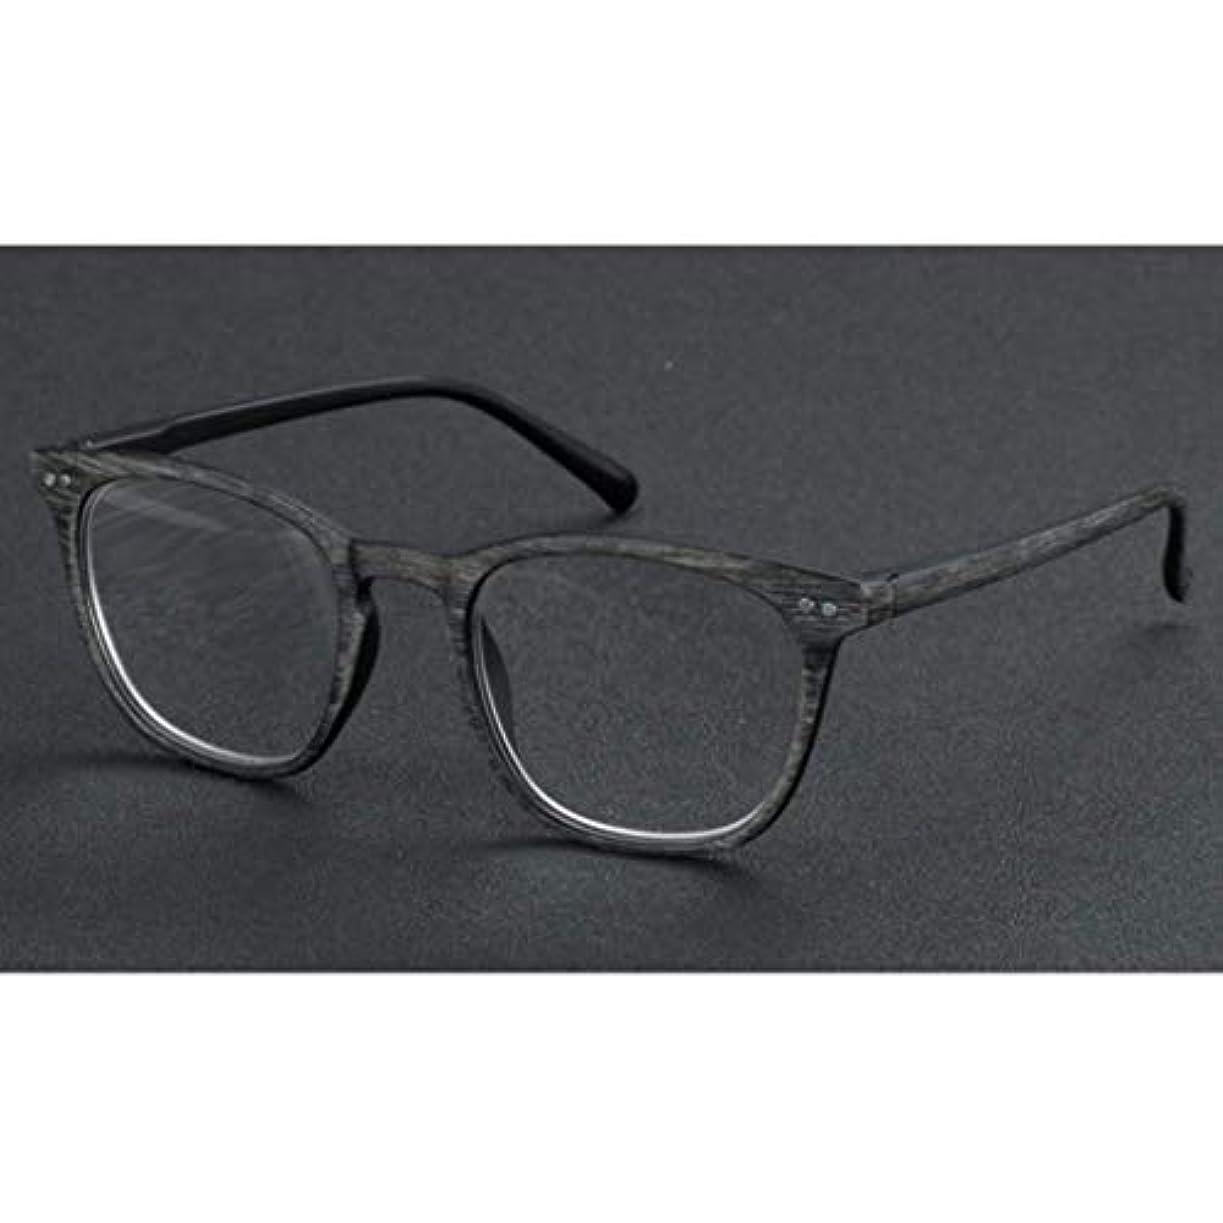 老眼鏡、遷移型フォトクロミック累進多焦点サングラス、放射線防護、UV防護、屋外色変化,Gray,+1.5